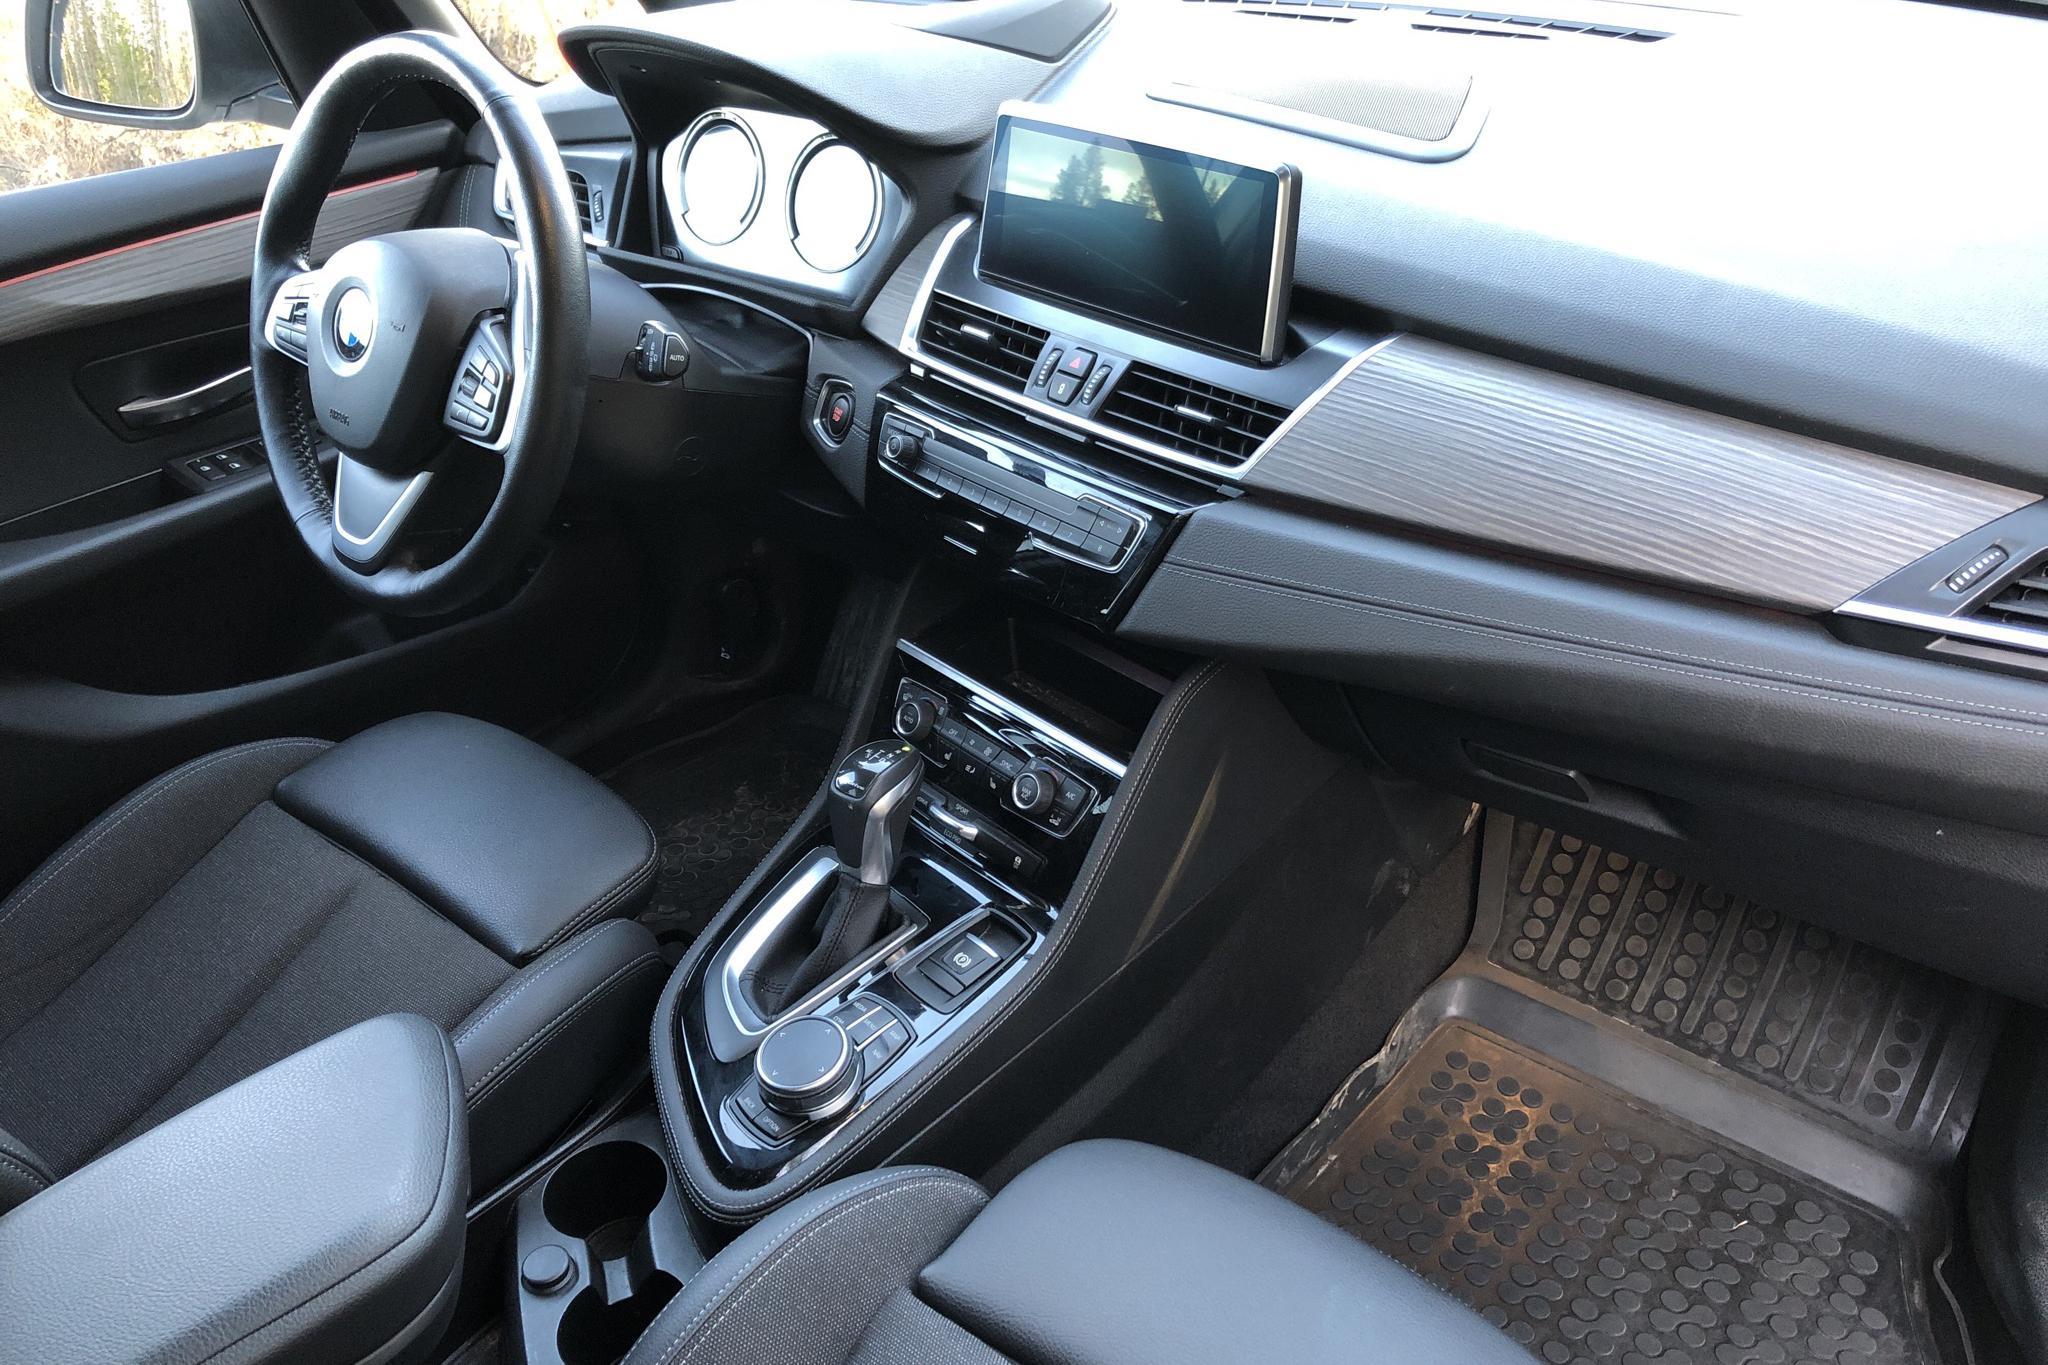 BMW 225xe Active Tourer LCI, F45 (224hk) - 4 391 mil - Automat - silver - 2019